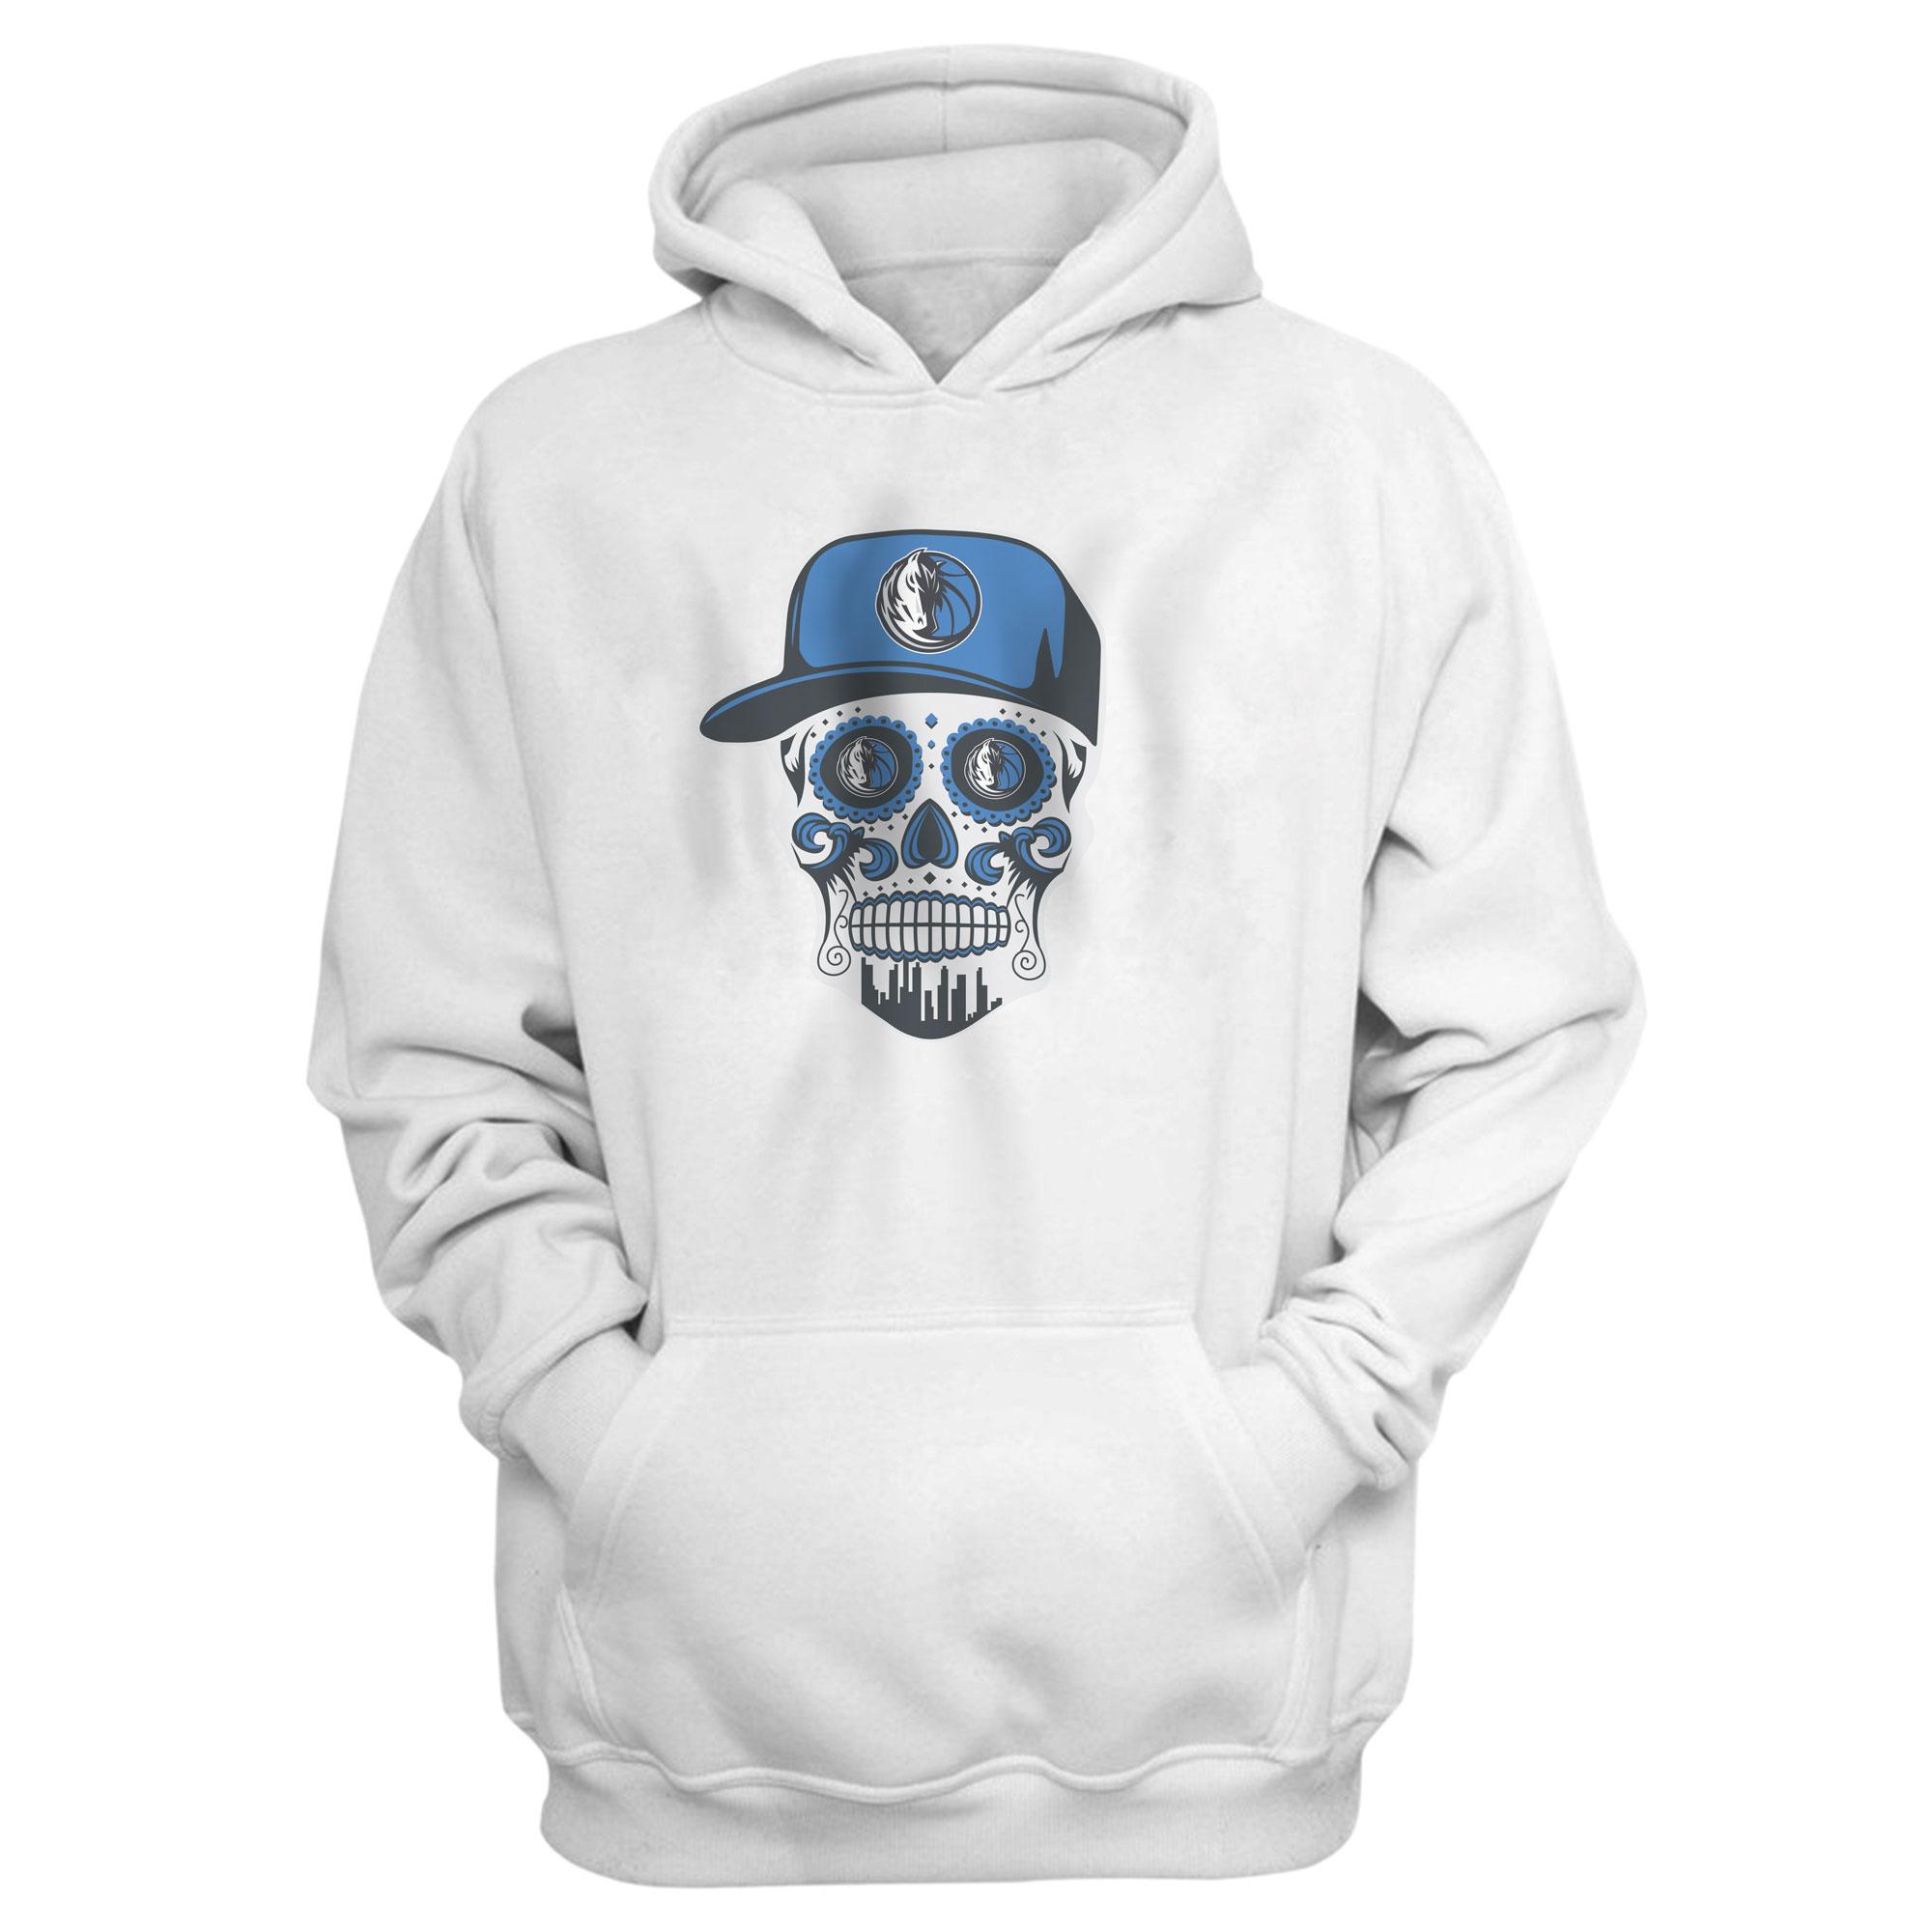 Dallas Skull Hoodie (HD-WHT-NP-451-NBA-DLS-SKULL)